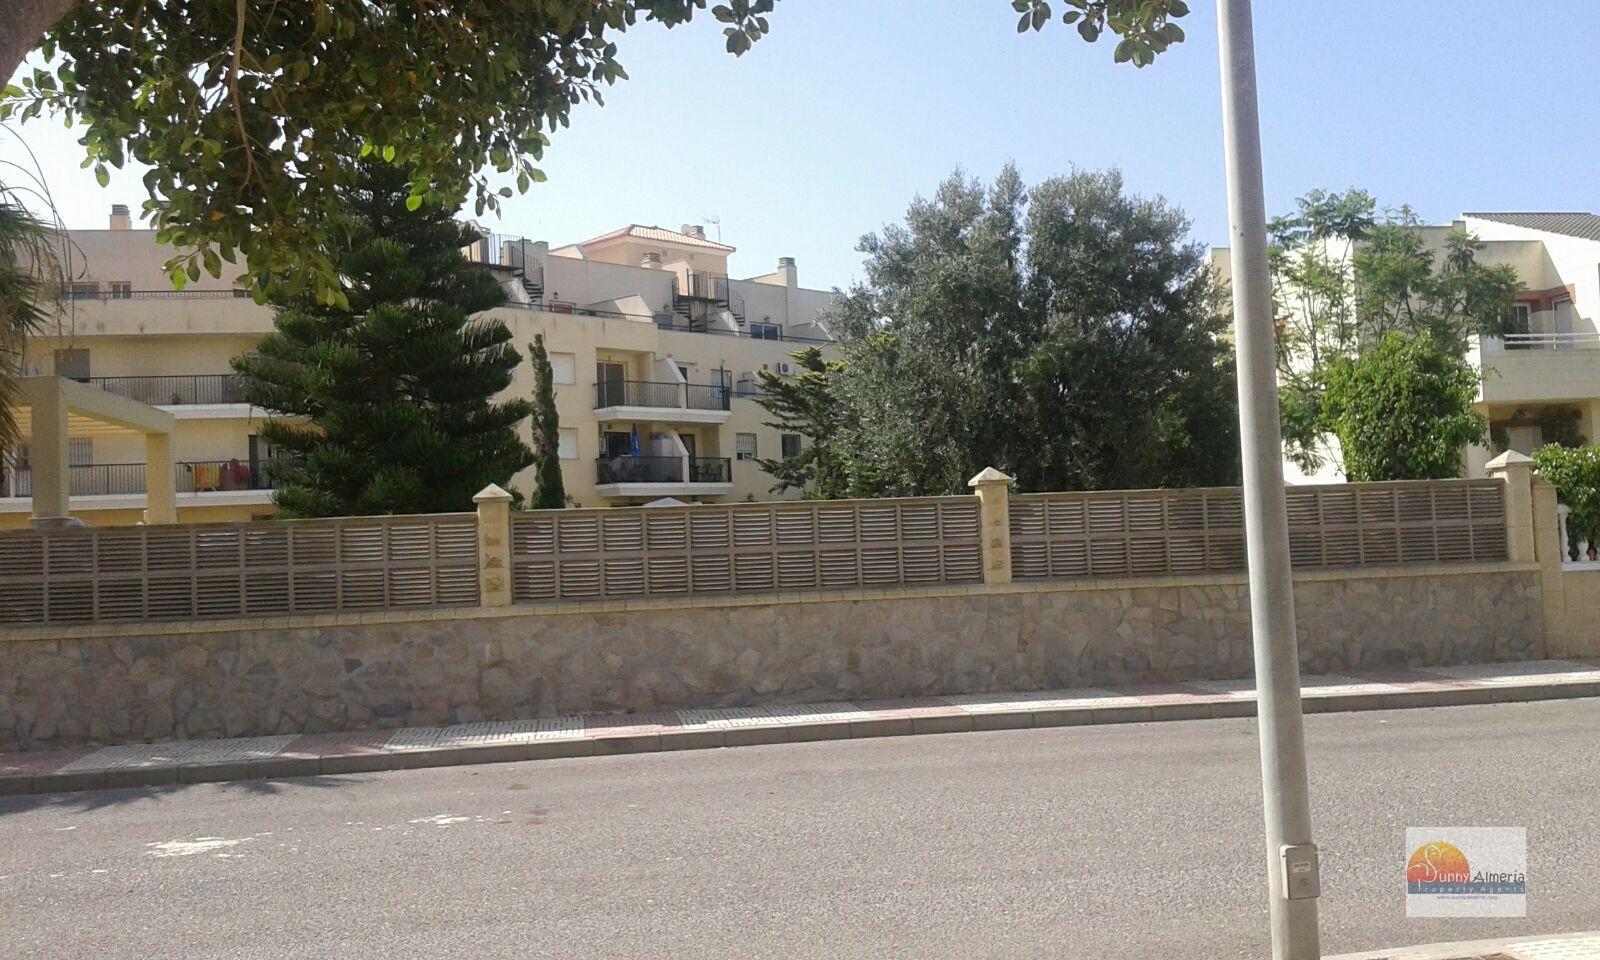 Apartment for sale in calle aviacion 0 (Roquetas de Mar), 85.000 €